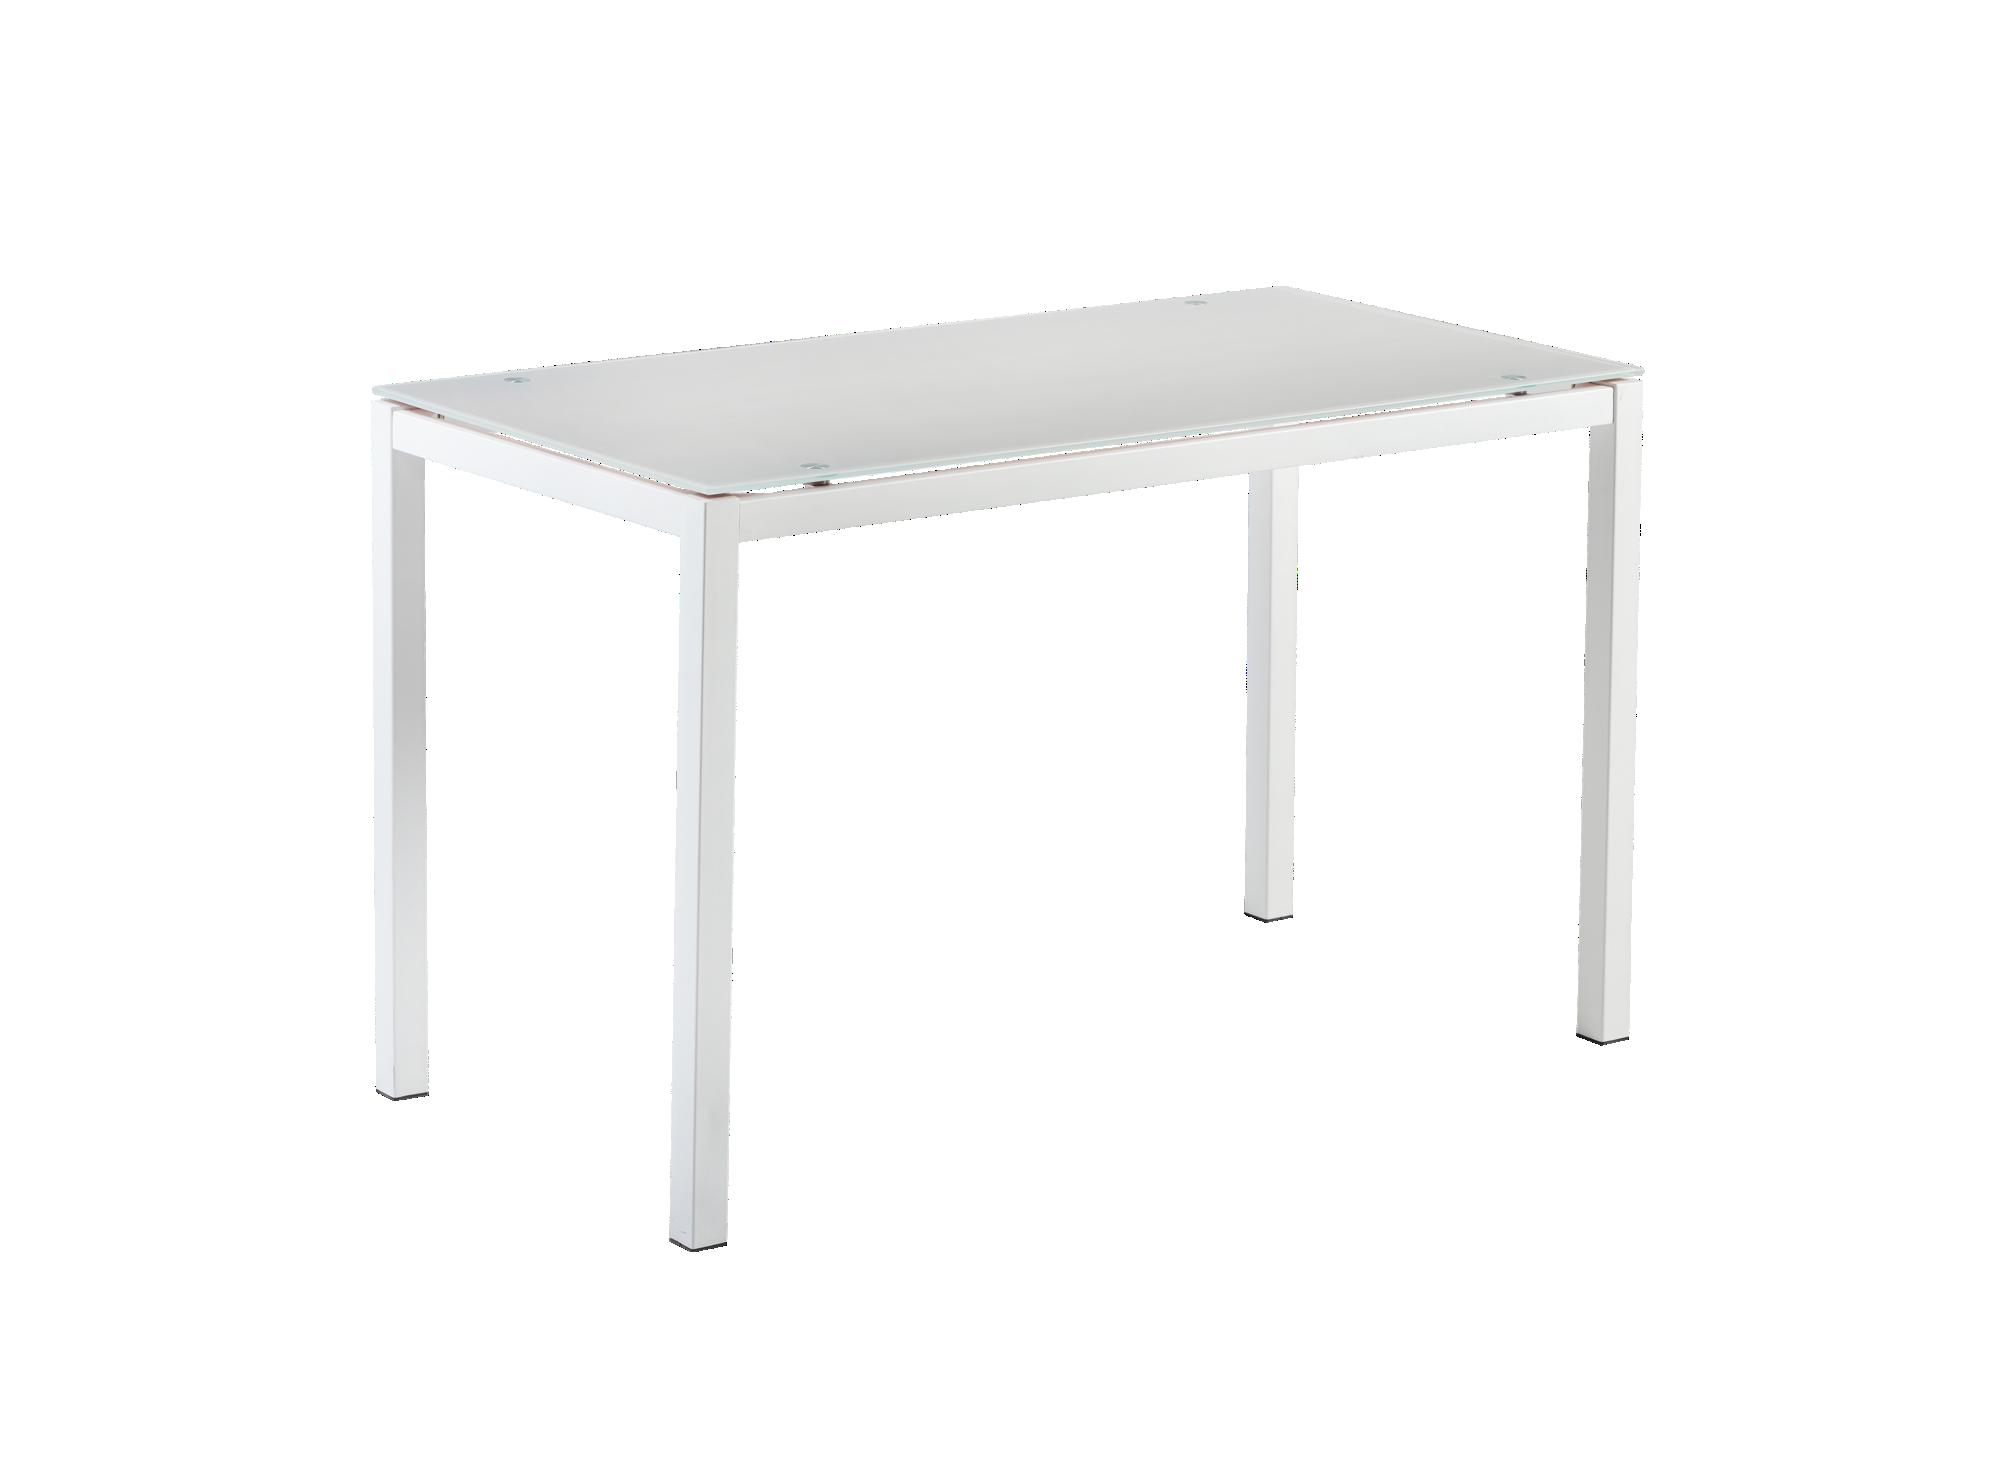 Table lunch extensible gri/blc structure en acier revetue de peinture ...